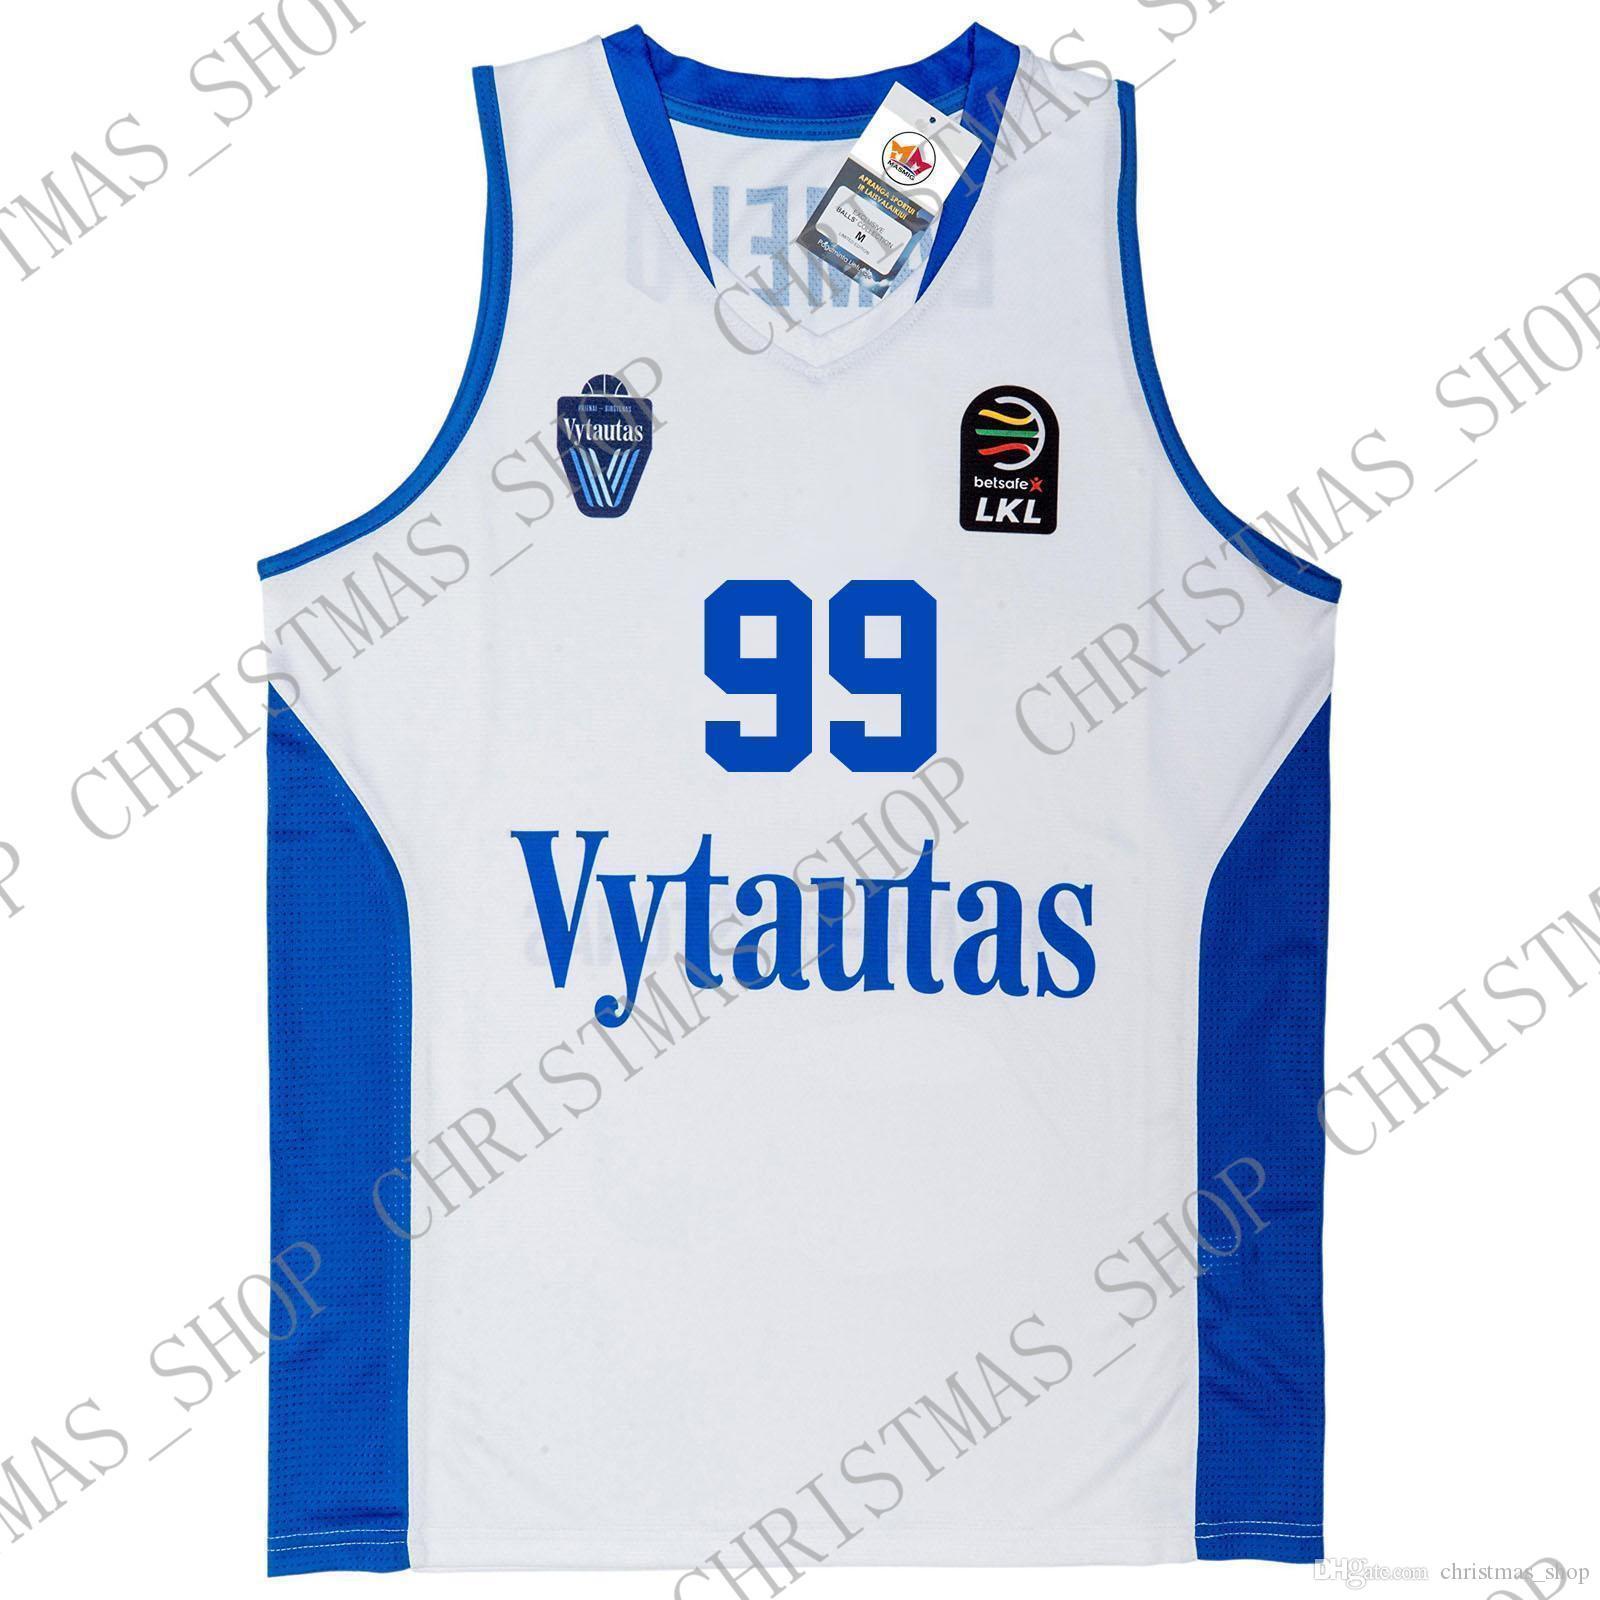 99 cheap jerseys